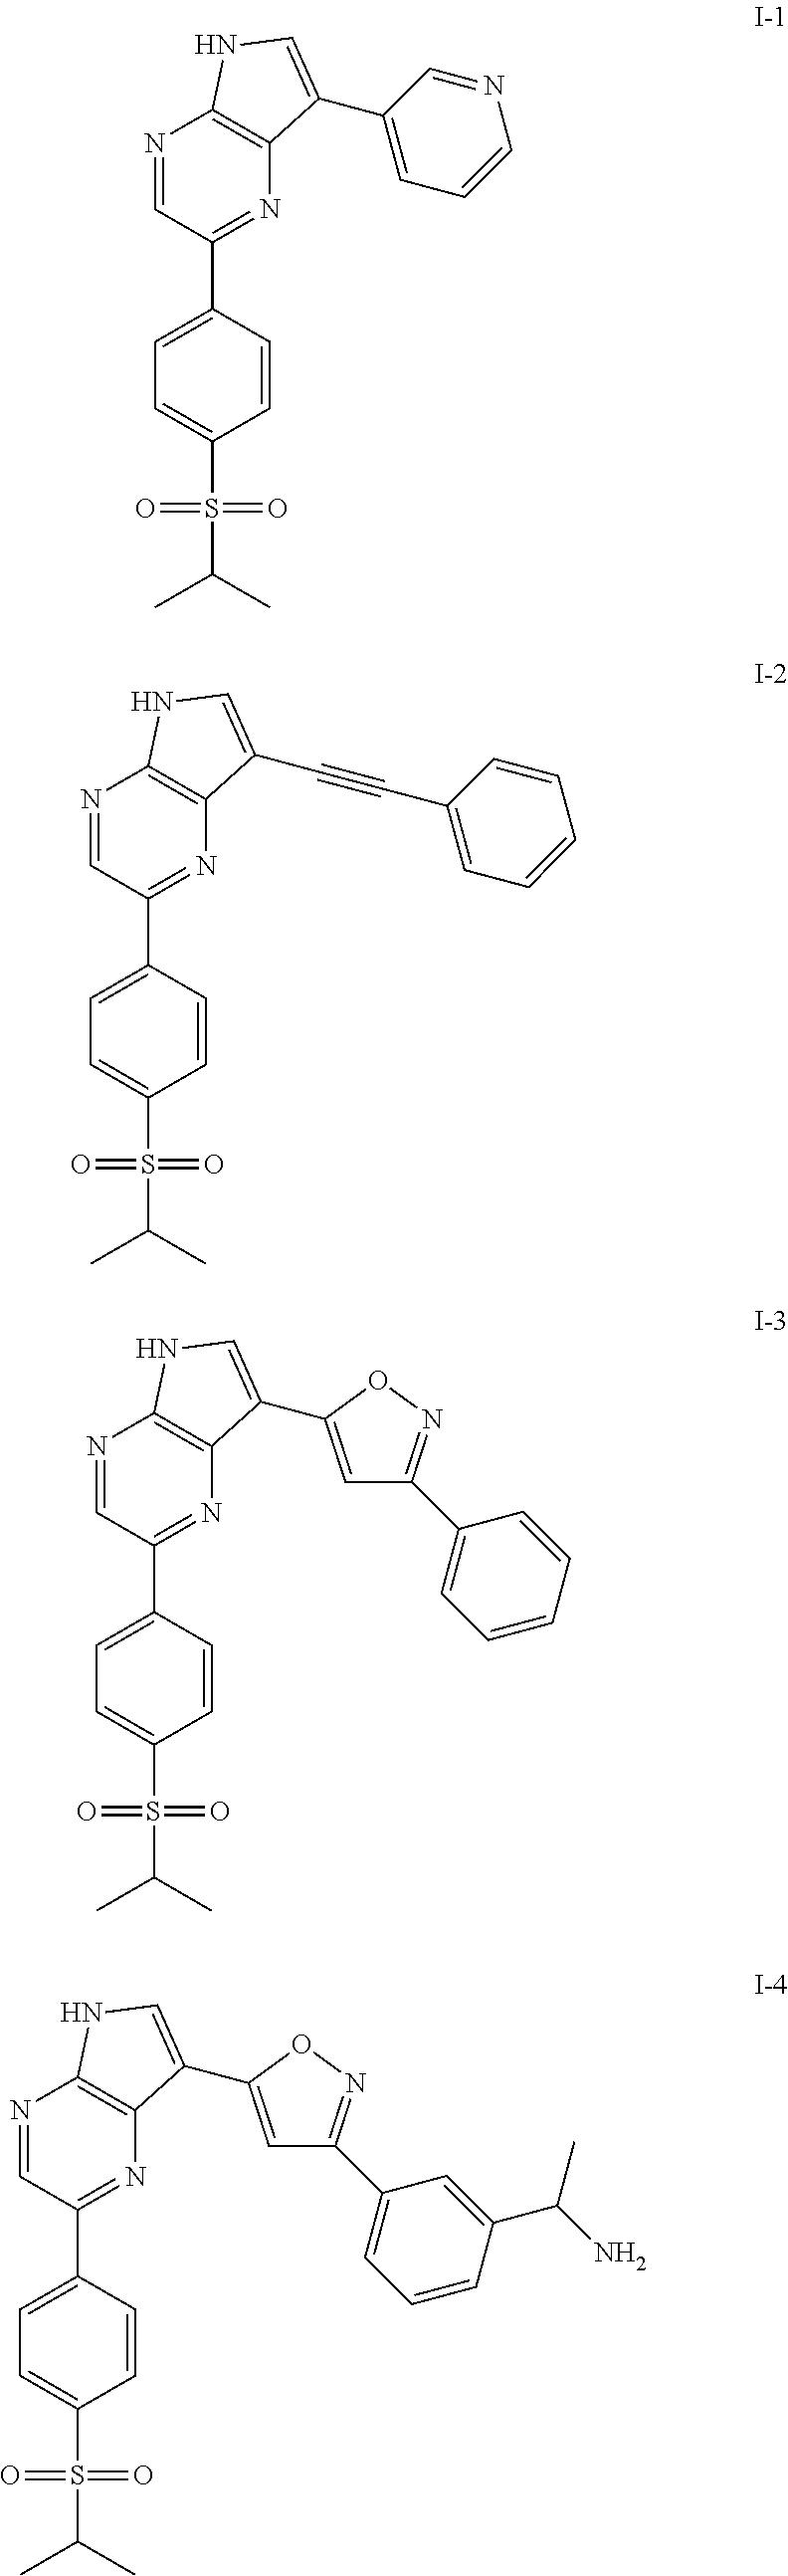 Figure US20120046295A1-20120223-C00158